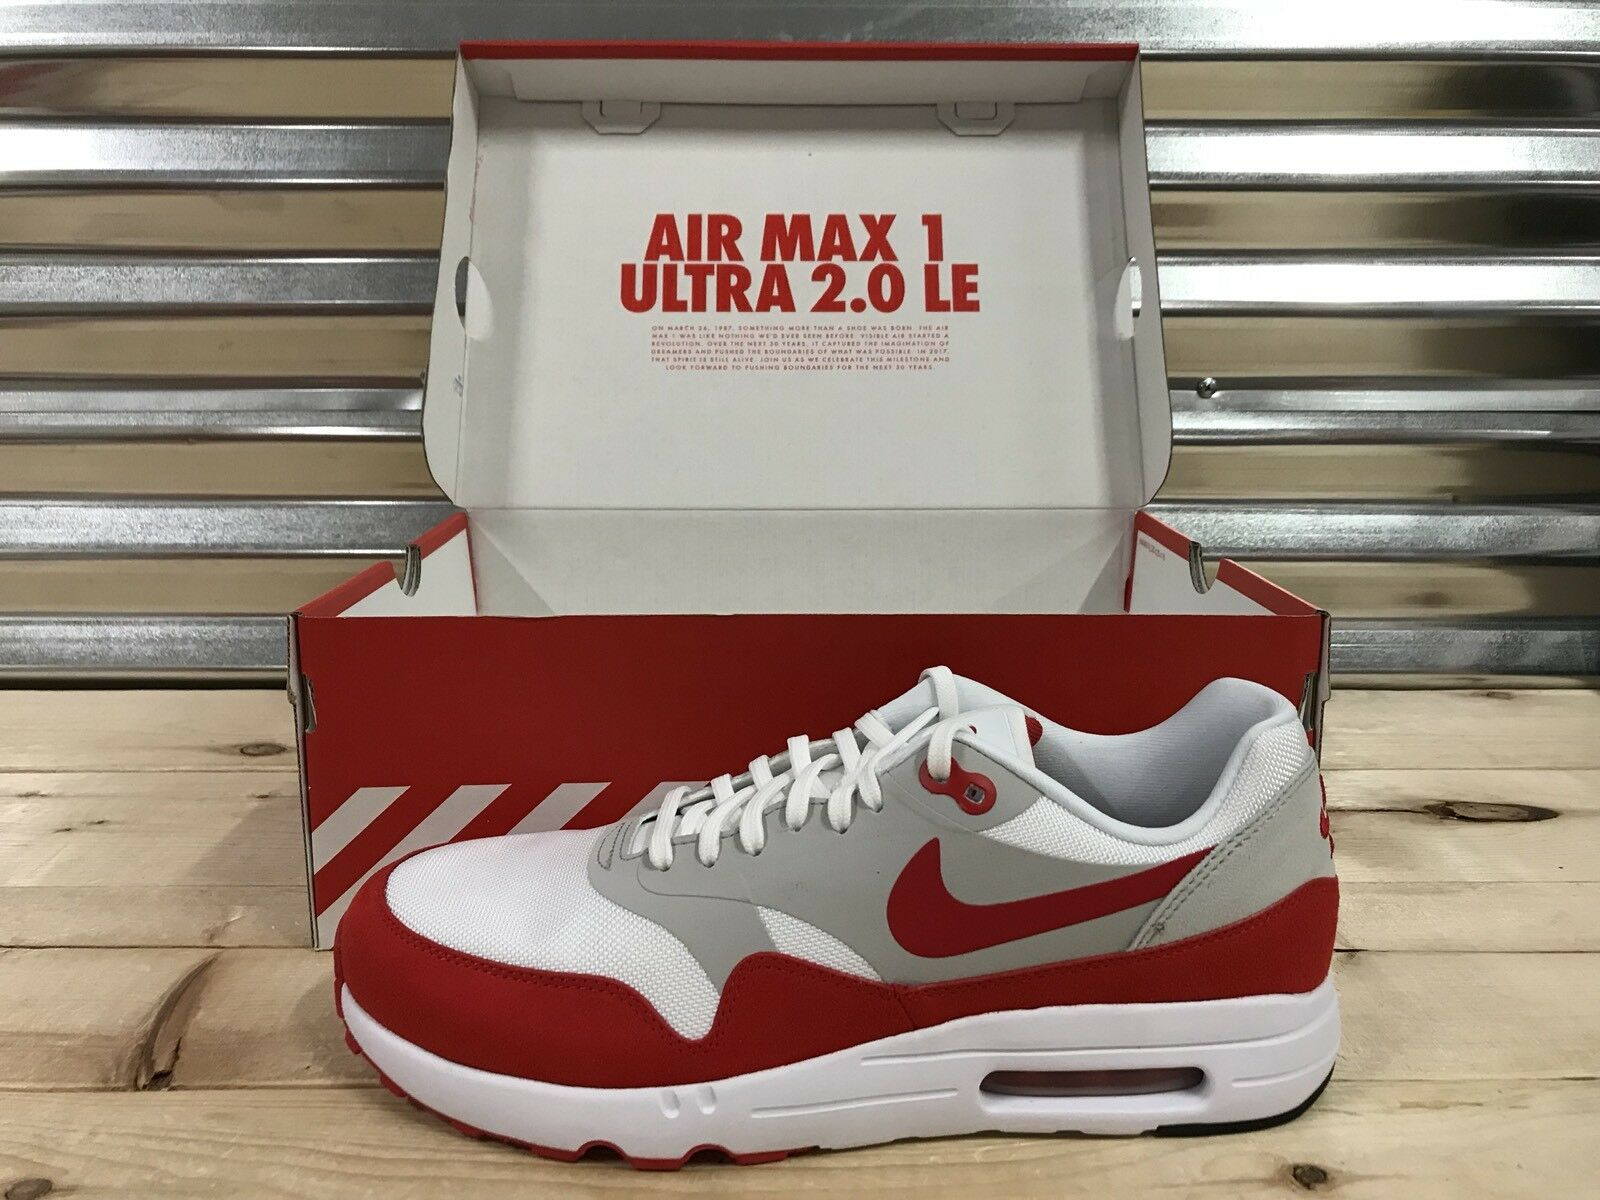 Nike Air Max 1 Ultra Ultra 1 2.0 le Air Max dia 3.26 zapatos blanco rojo reducción de precio liquidación de temporada 702270